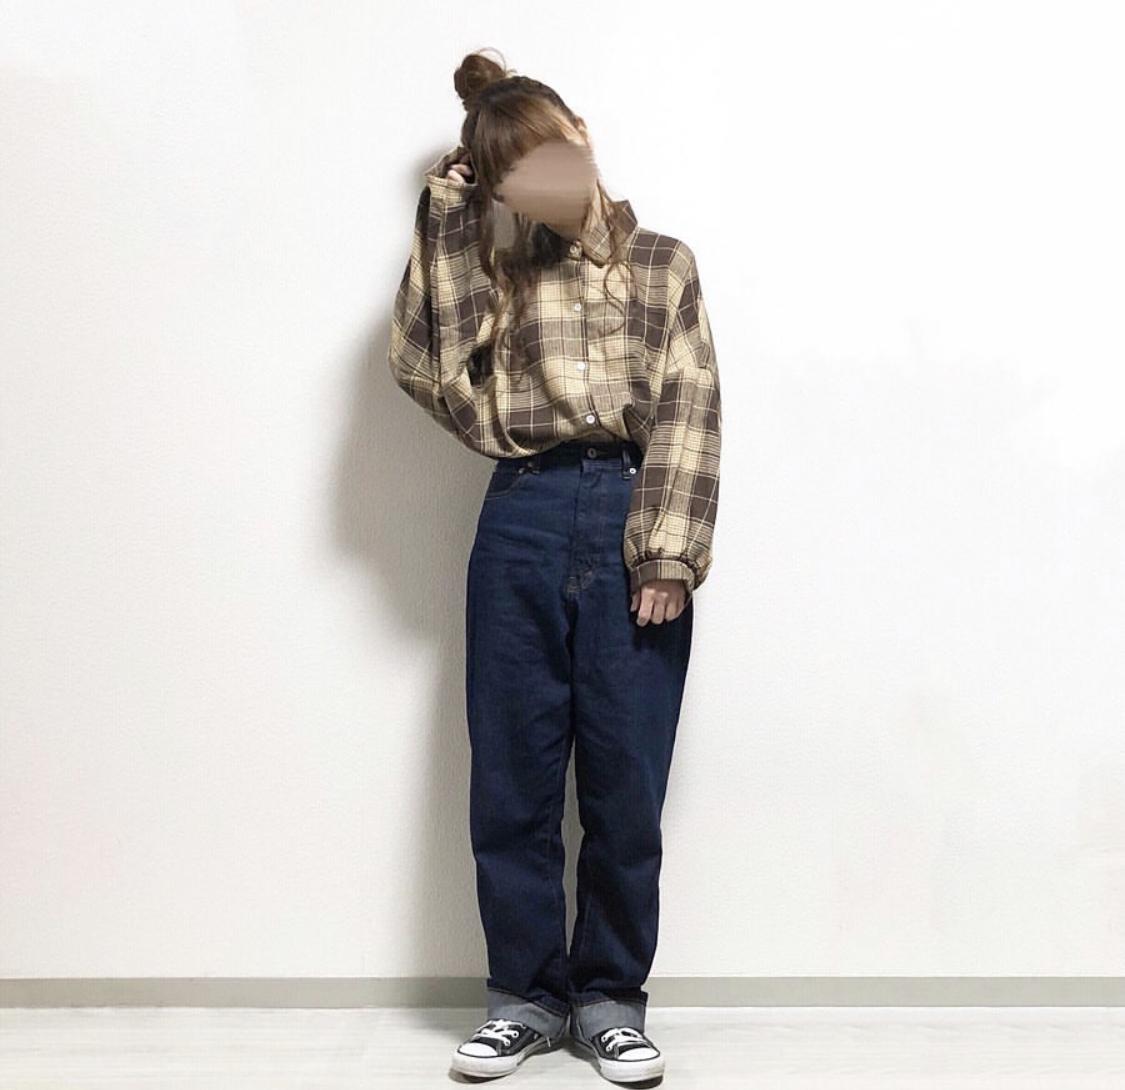 【送料無料】 ゆるかわチェック♡ ルーズ ゆるシルエット チェック柄 シャツ 羽織り ボリューム袖 ドロップショルダー